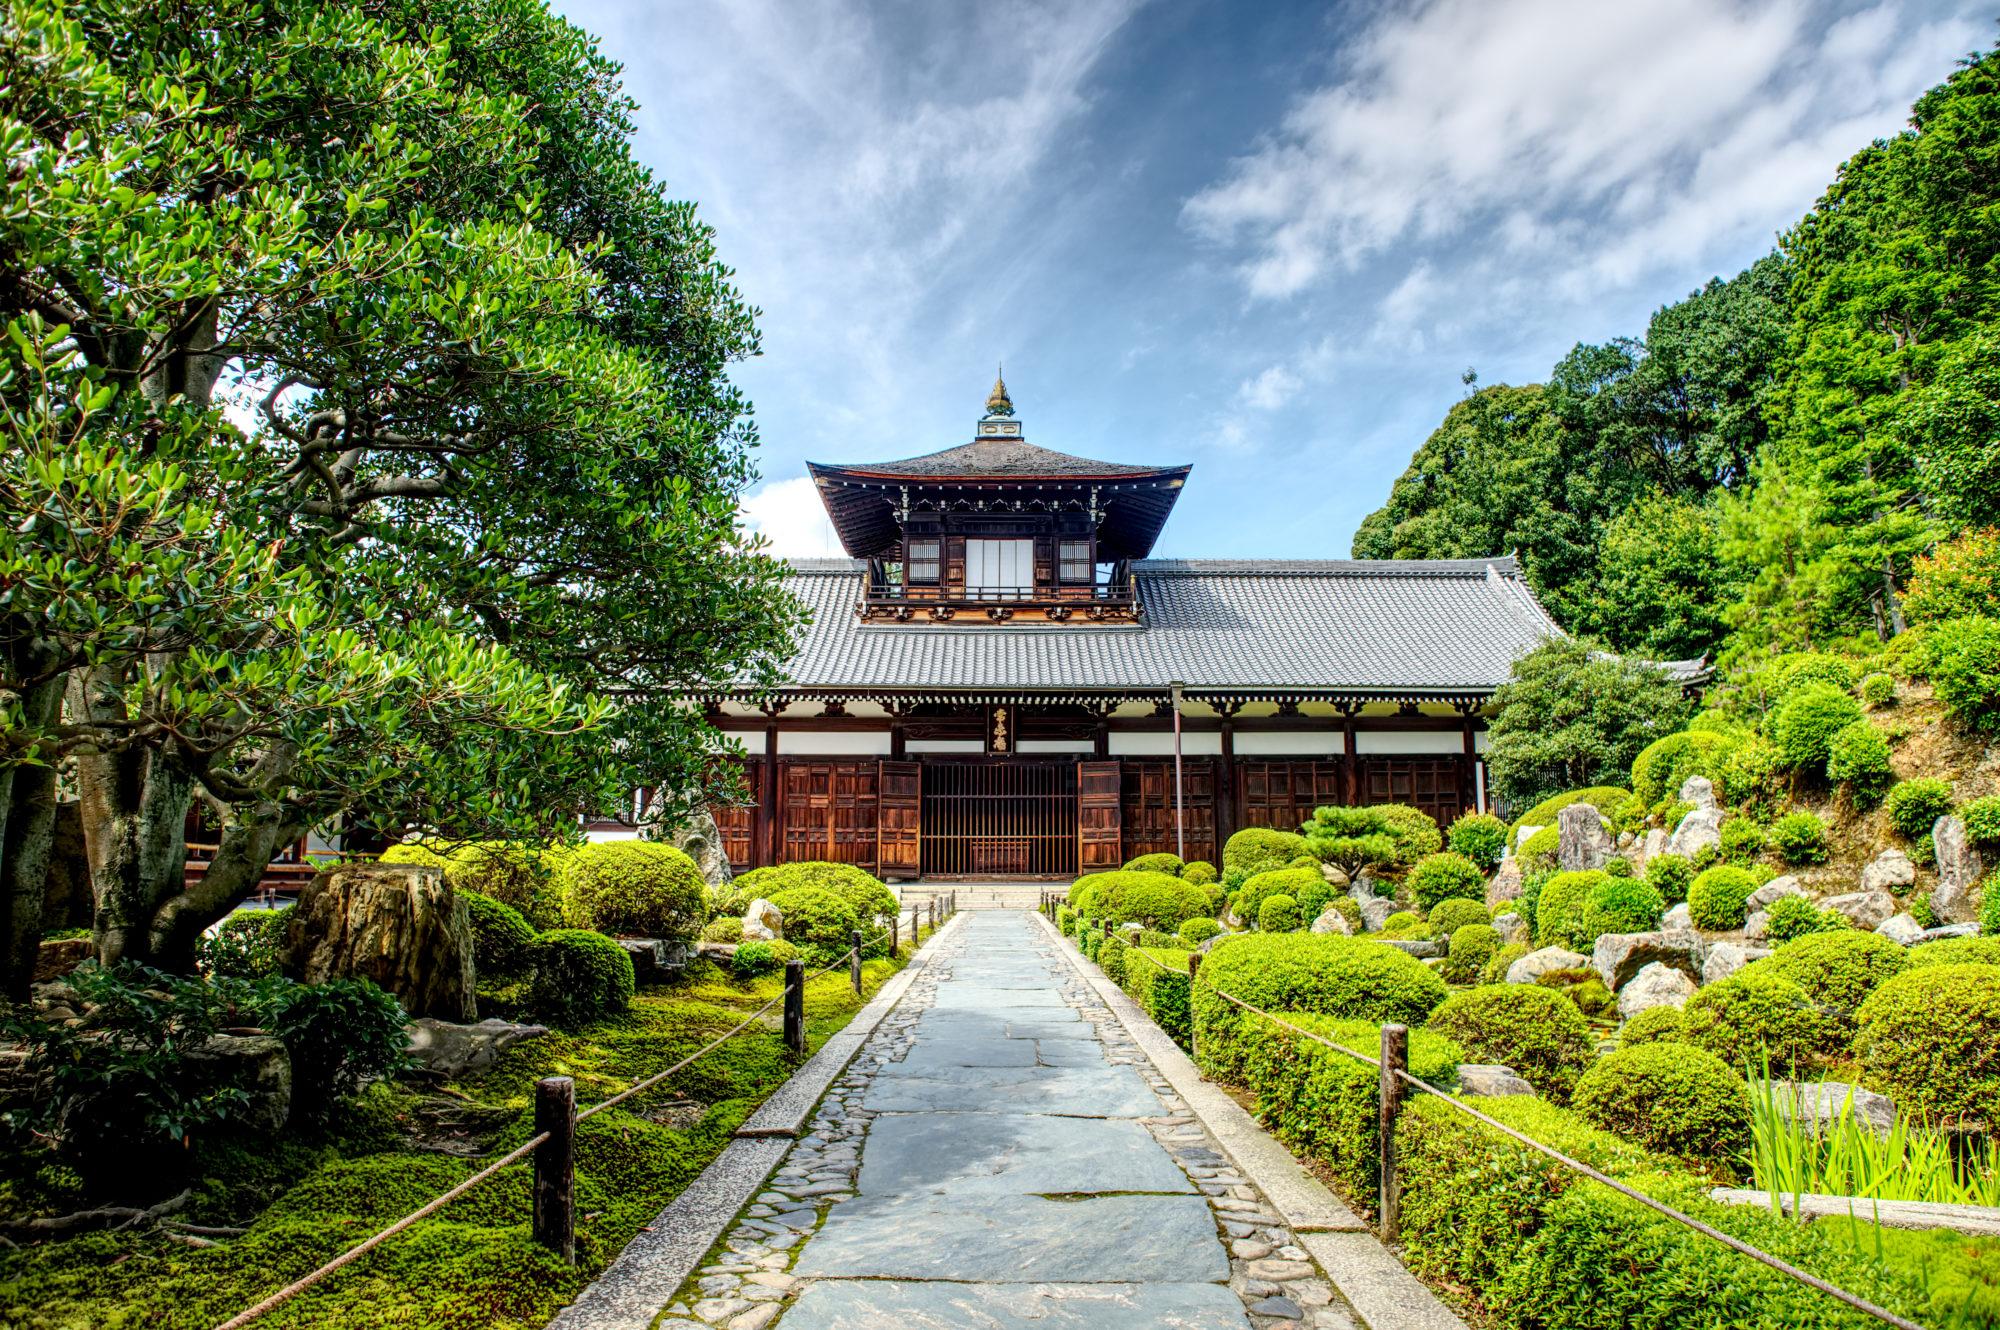 Tofukuji Zen Tempel in Japan